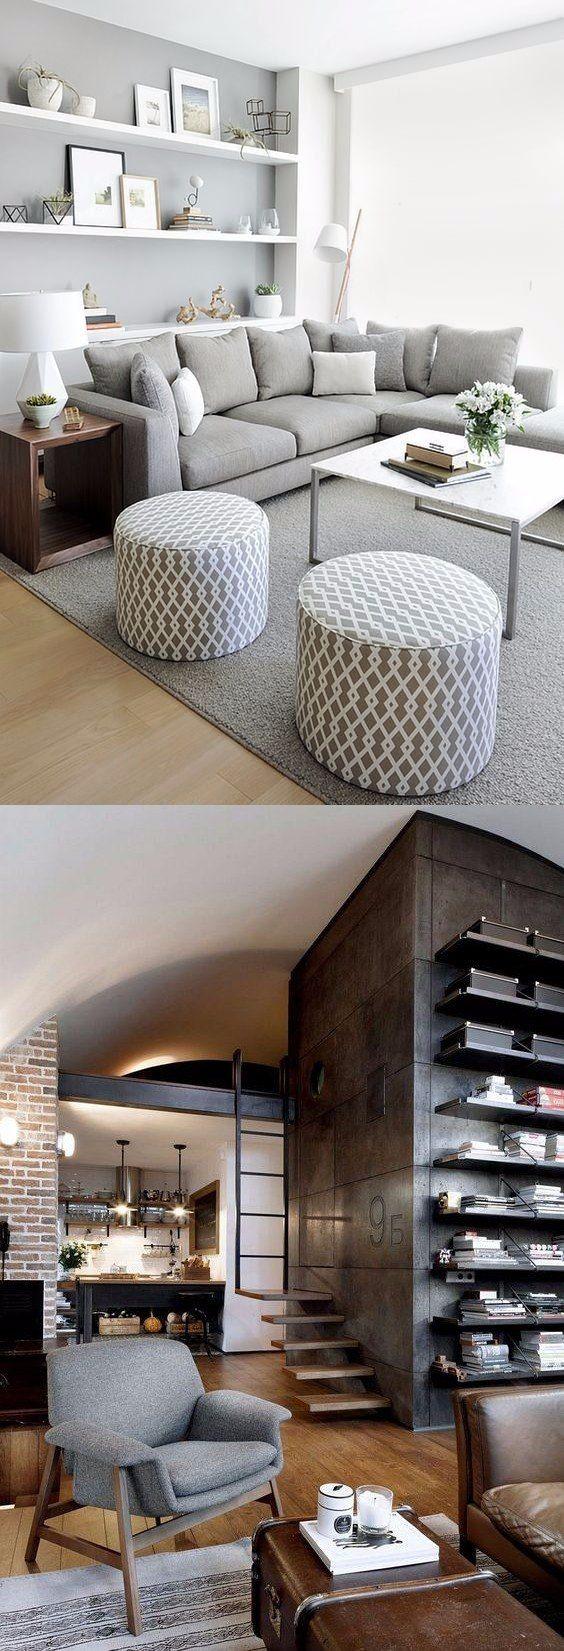 Apartamentos decorados veja 100 fotos de decora es ao for Departamentos pequenos modernos decorados